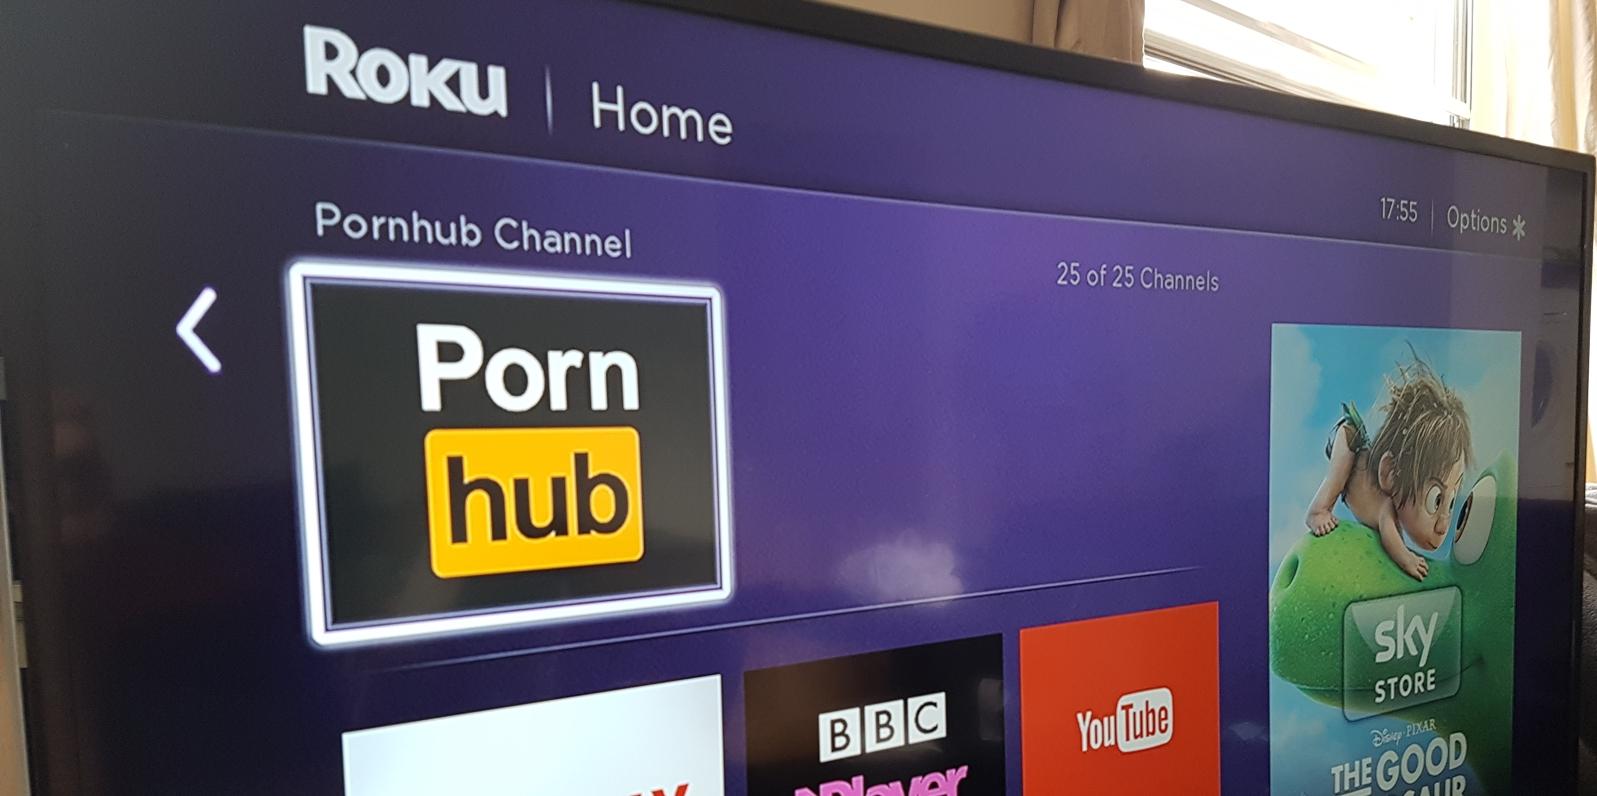 www porm hub com